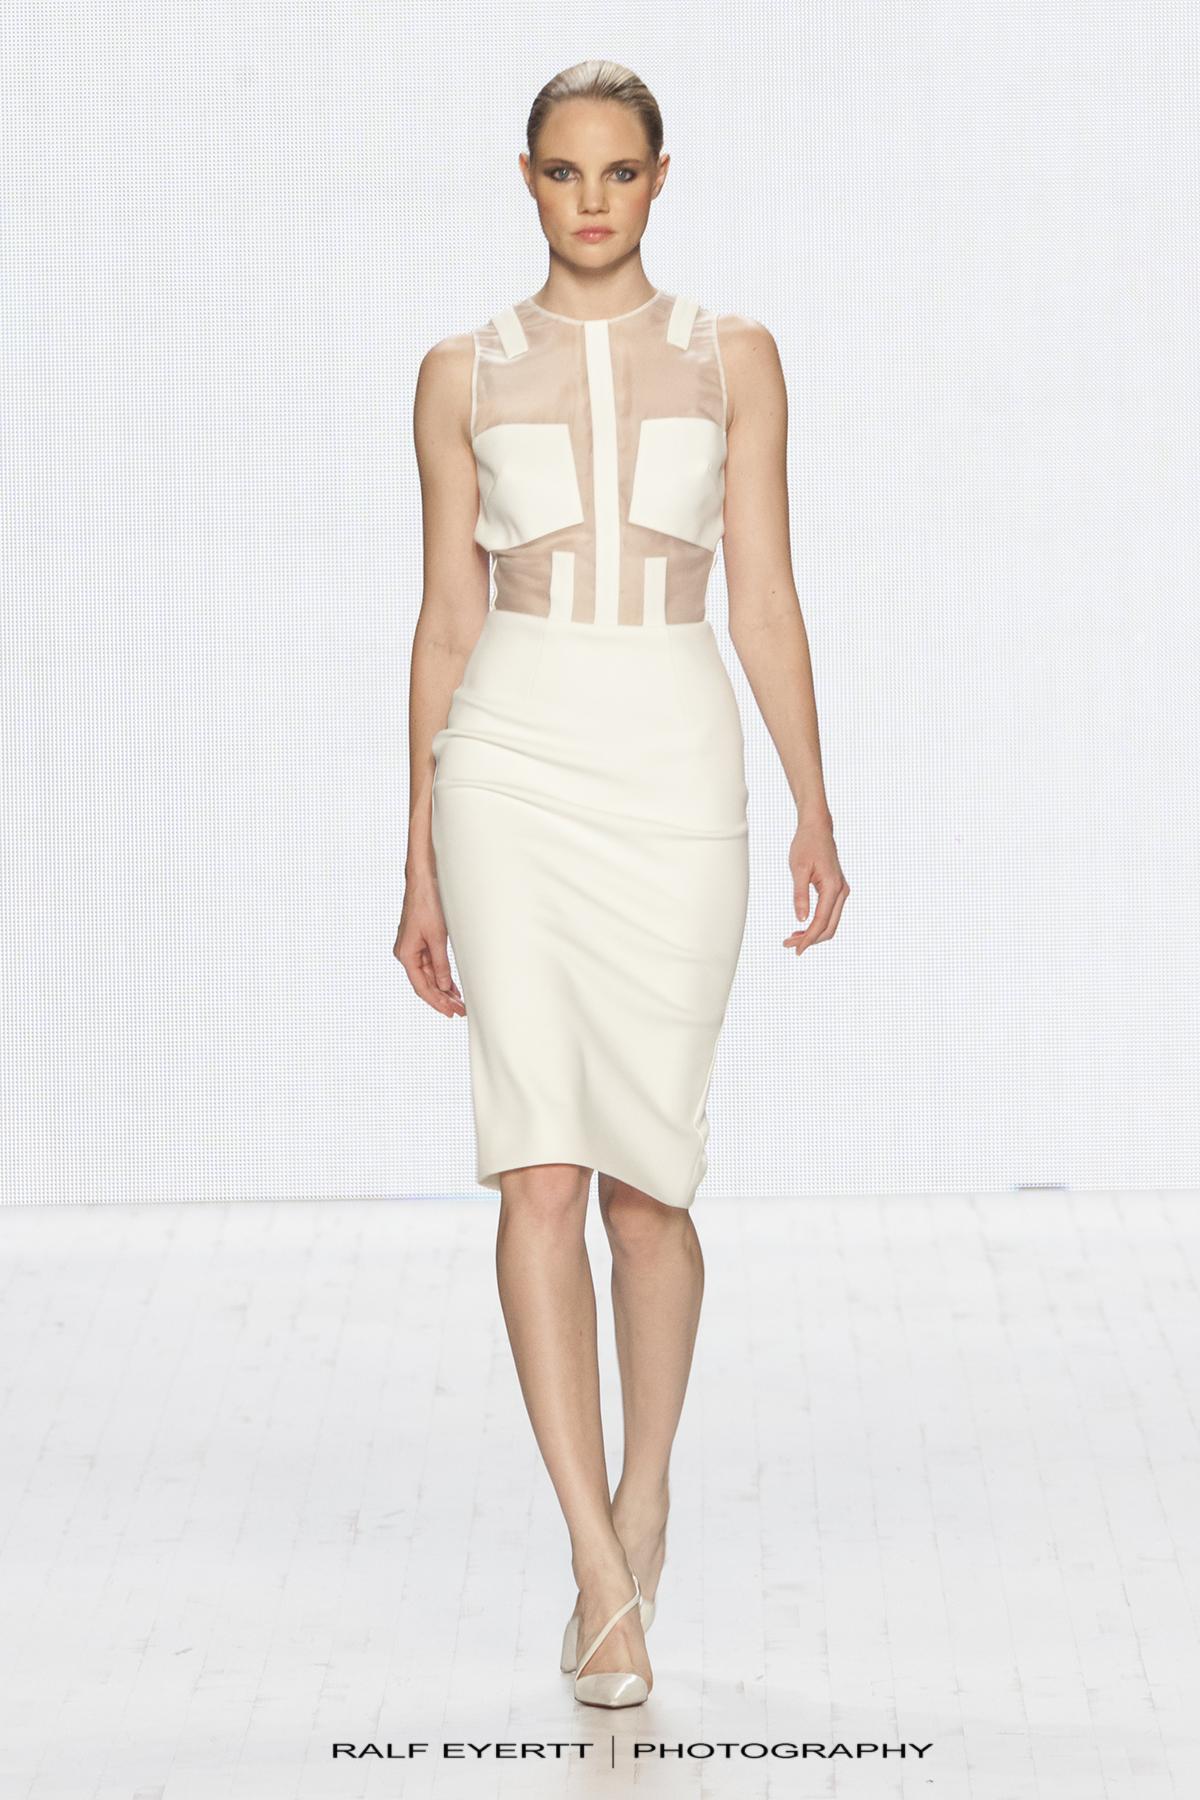 Fashion Model Werden